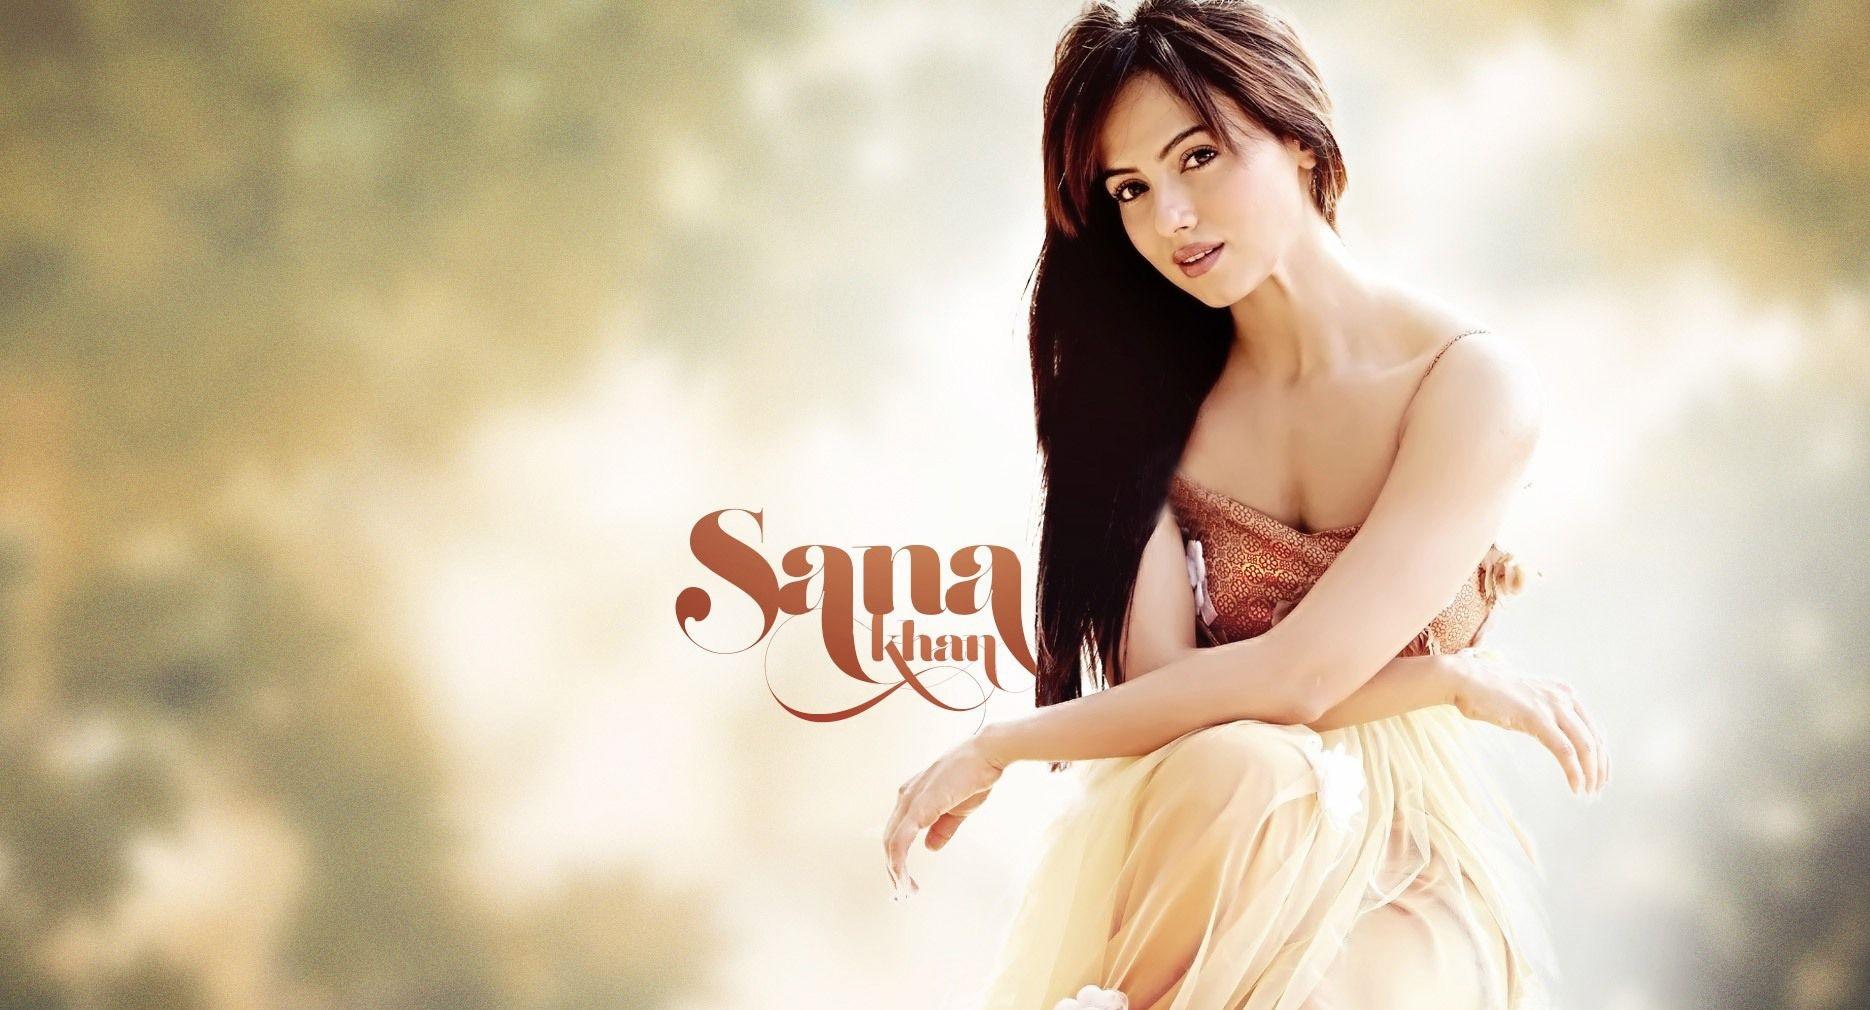 sana-khan-new-gorgeous-wallpaper_1870x1010